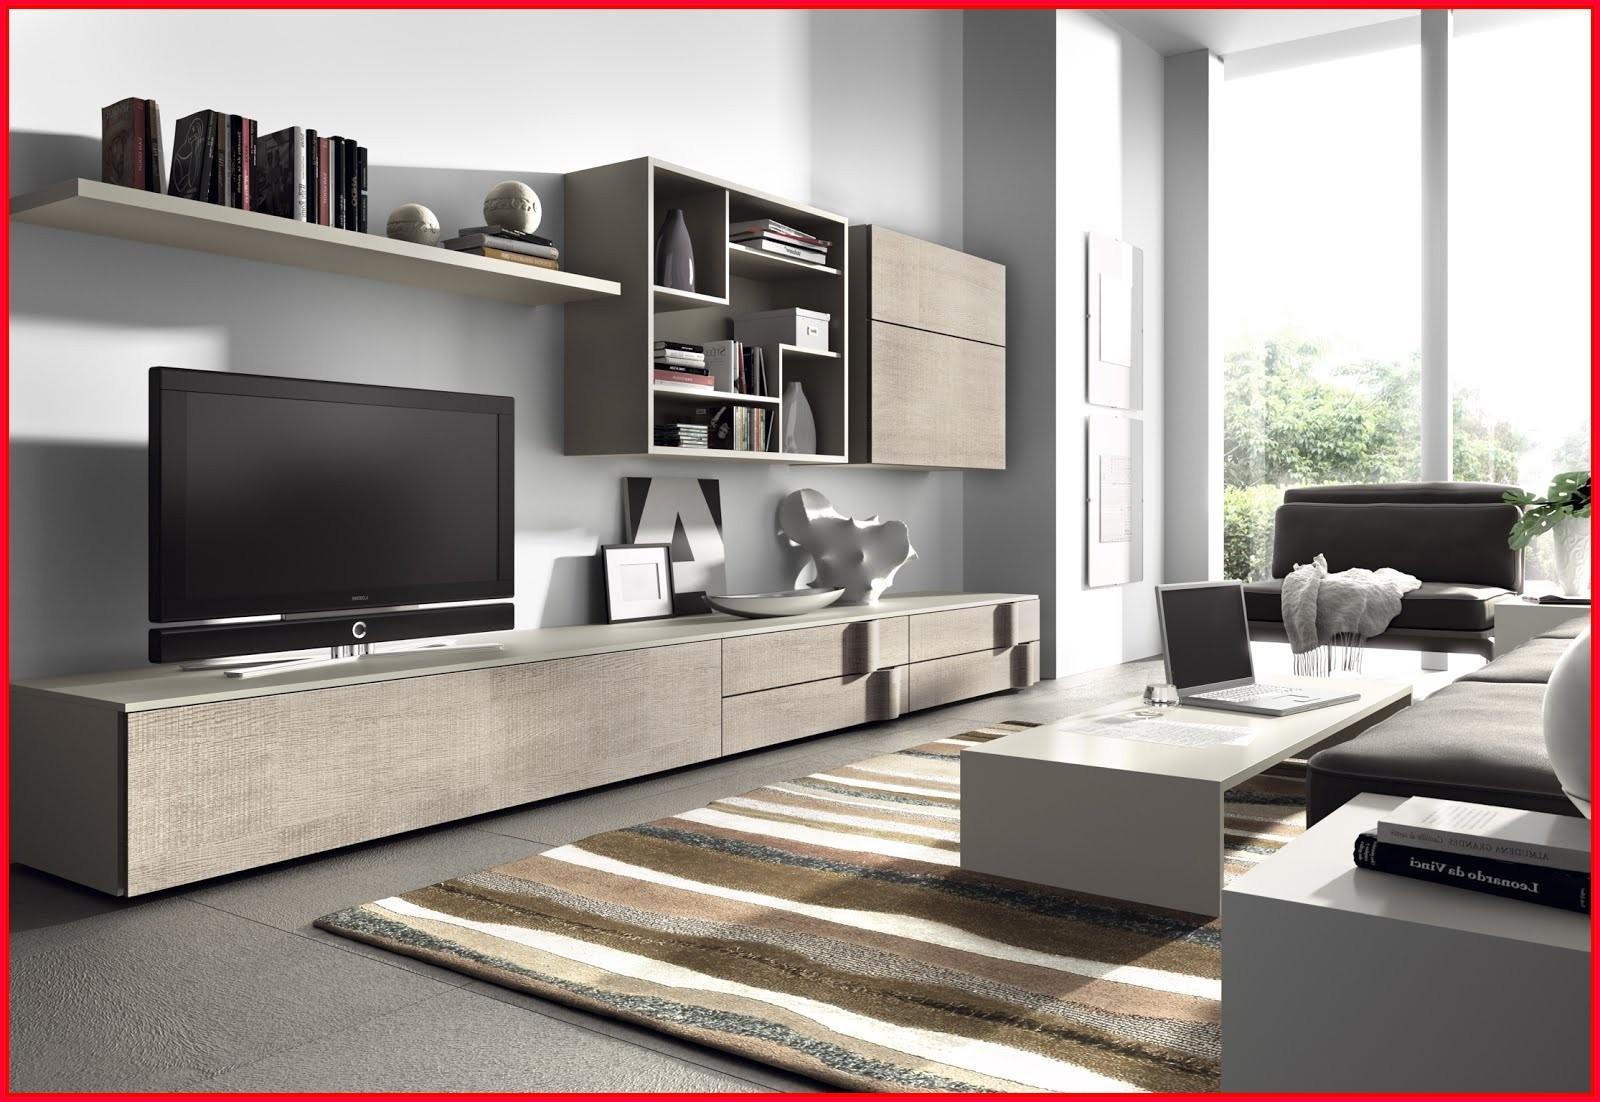 Muebles De Salon Ikea Ofertas X8d1 Muebles De Salon Ikea Ofertas Muebles De Salon Ikea Ertas